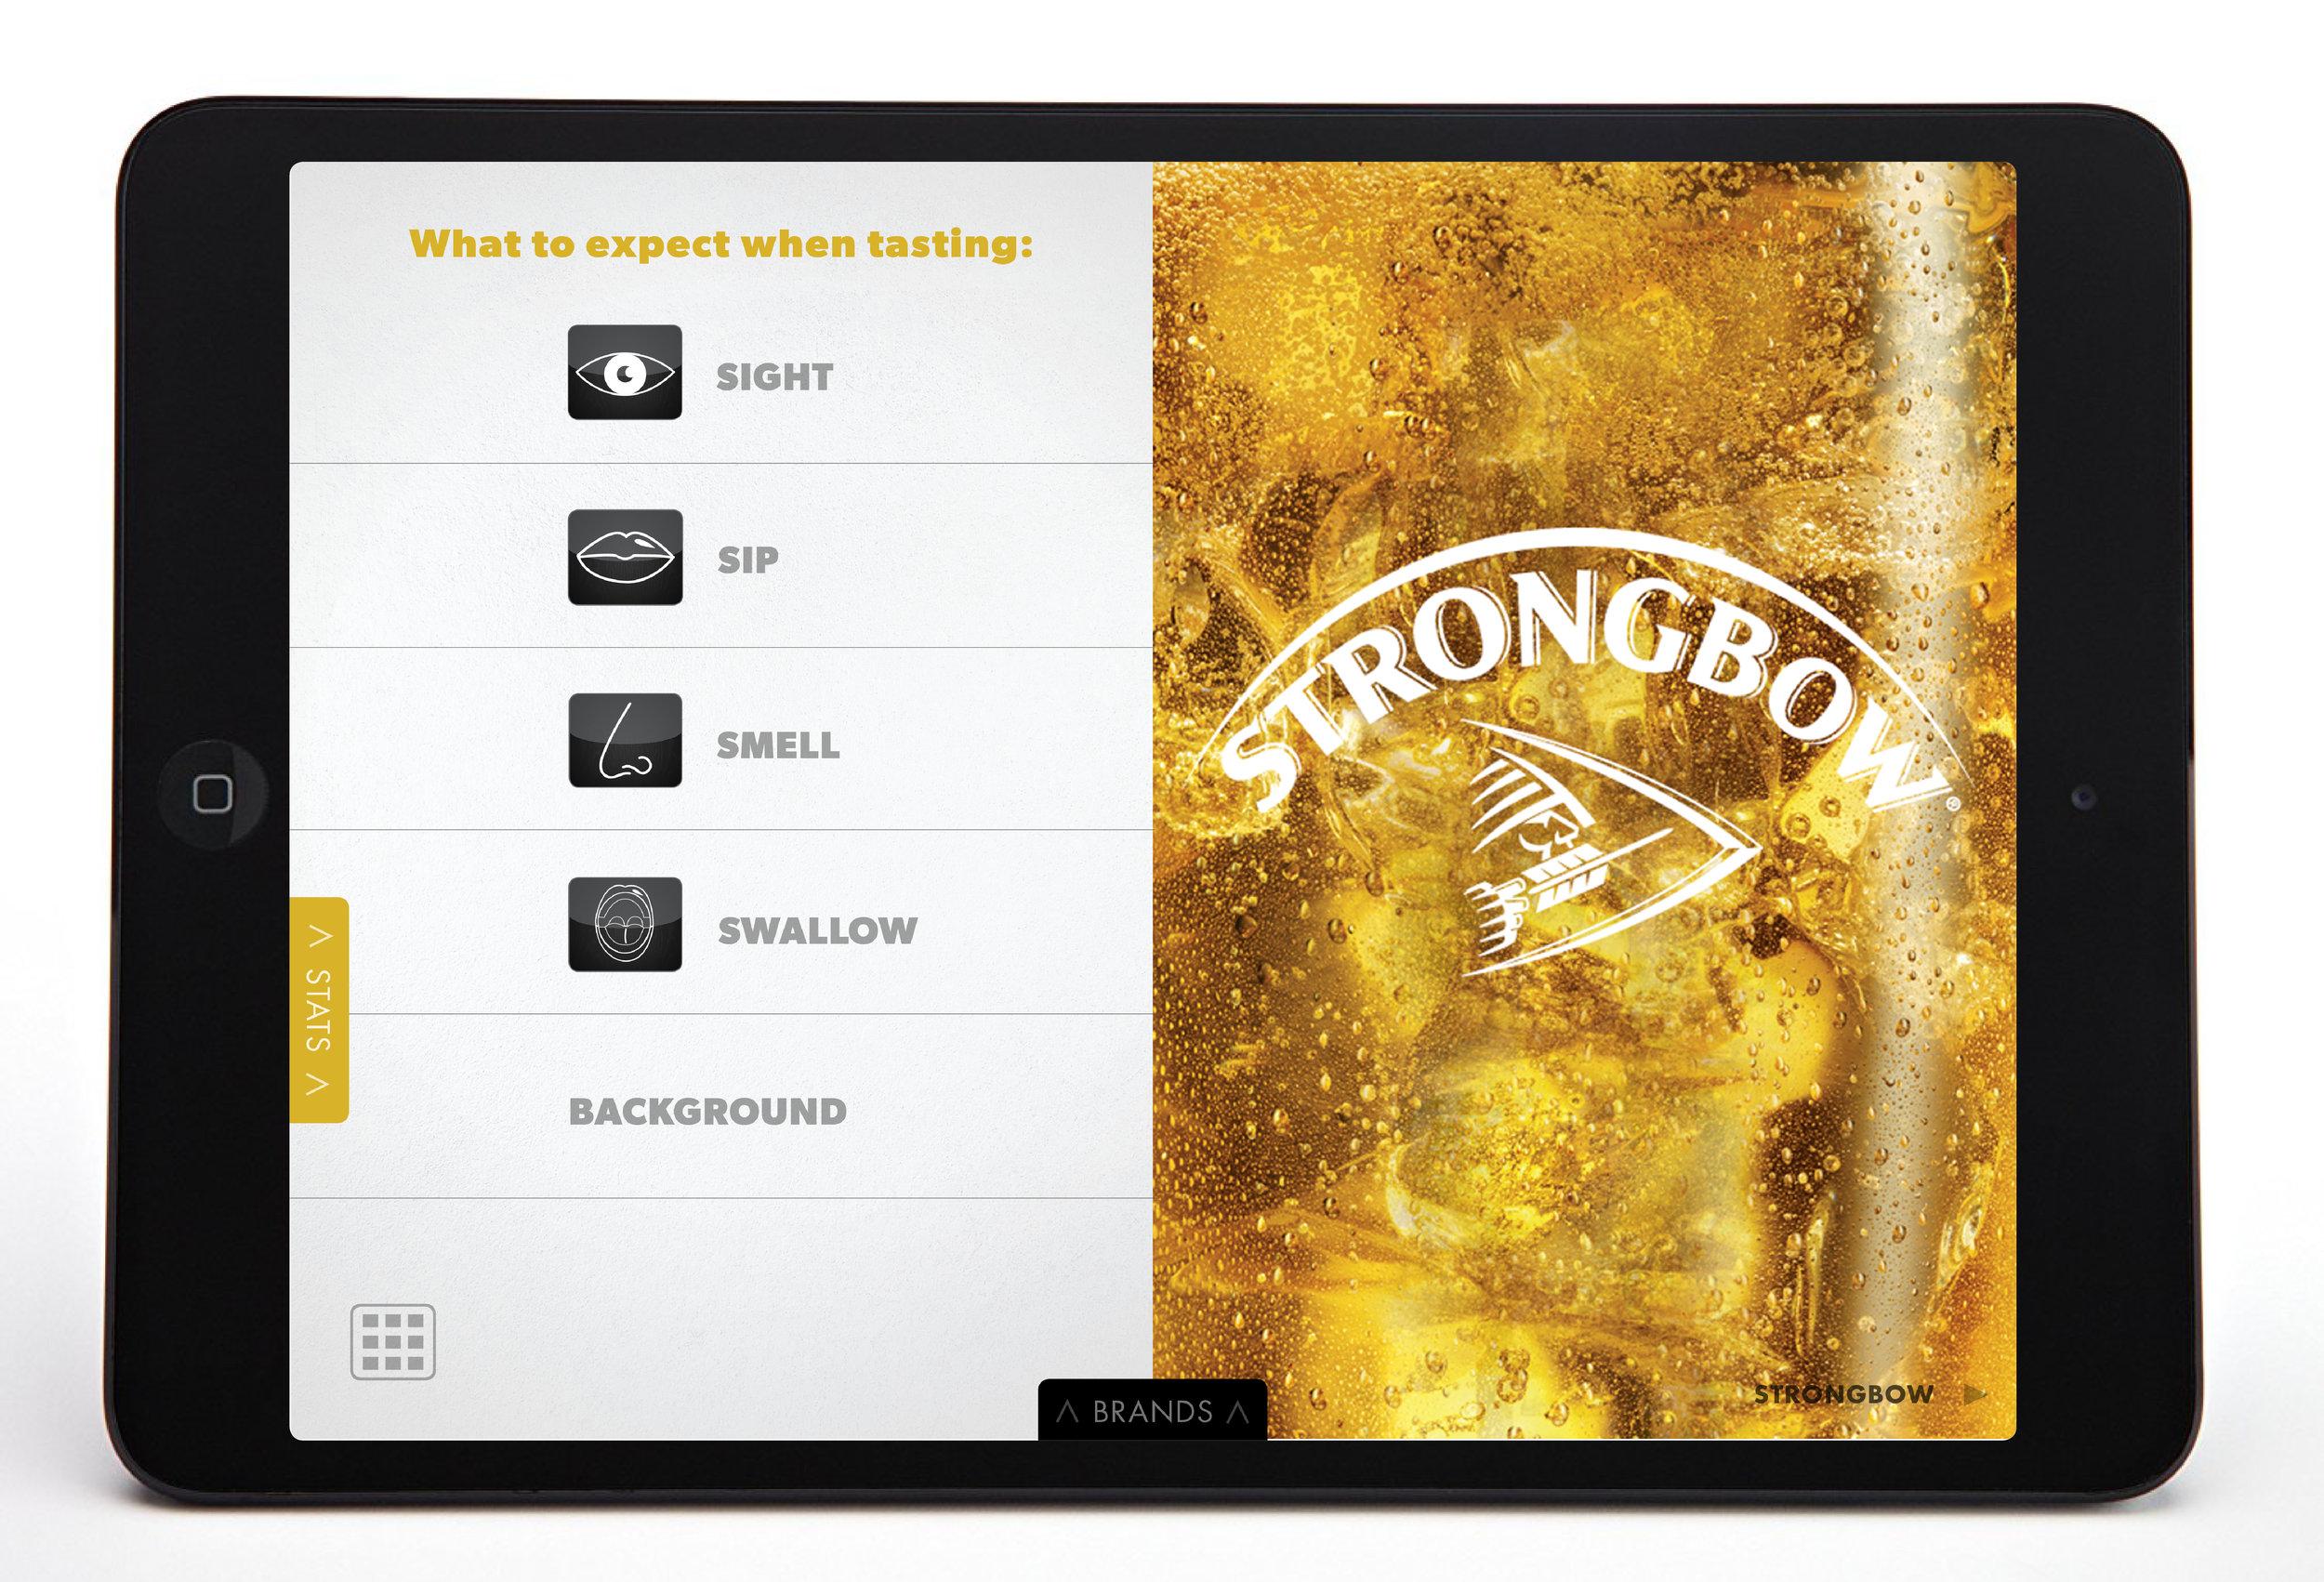 Heineken-food&beer pairing-interactive book42.jpg